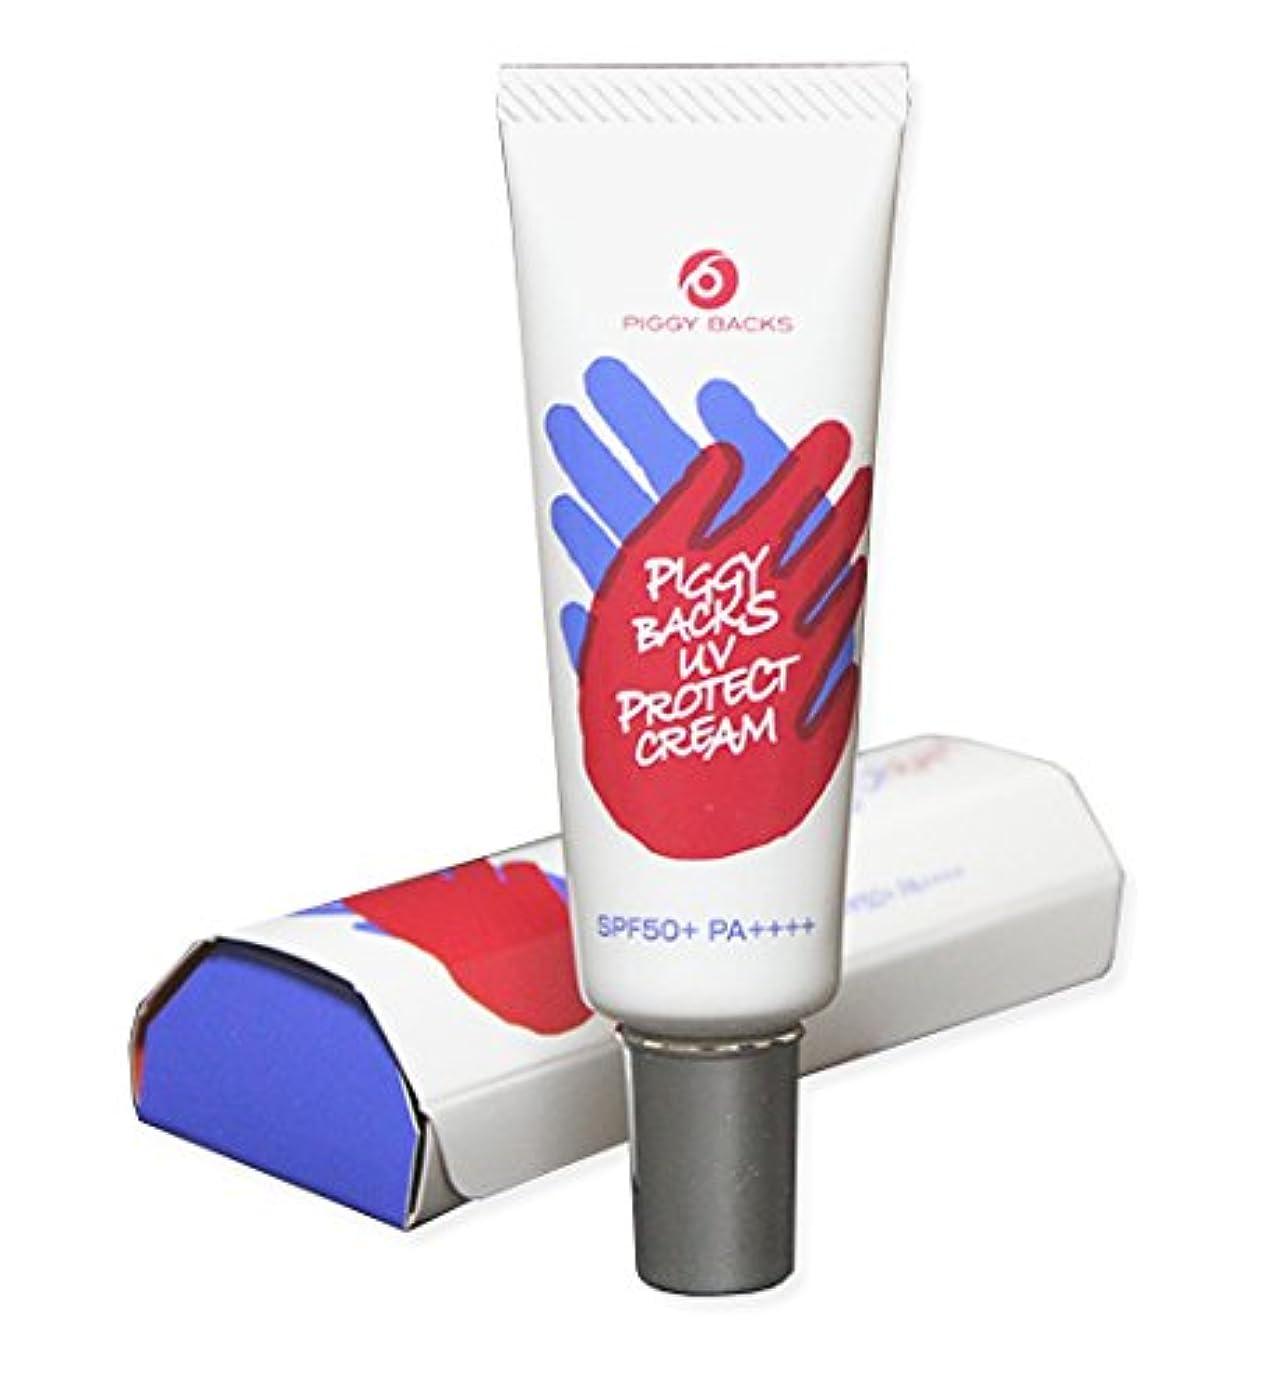 にやにや怒り発見ピギーバックス UVプロテクトクリーム【SPF50+、PA++++】国内最高紫外線防御力なのにノンケミカルを実現!塗り直しがいらない日焼け止めクリーム